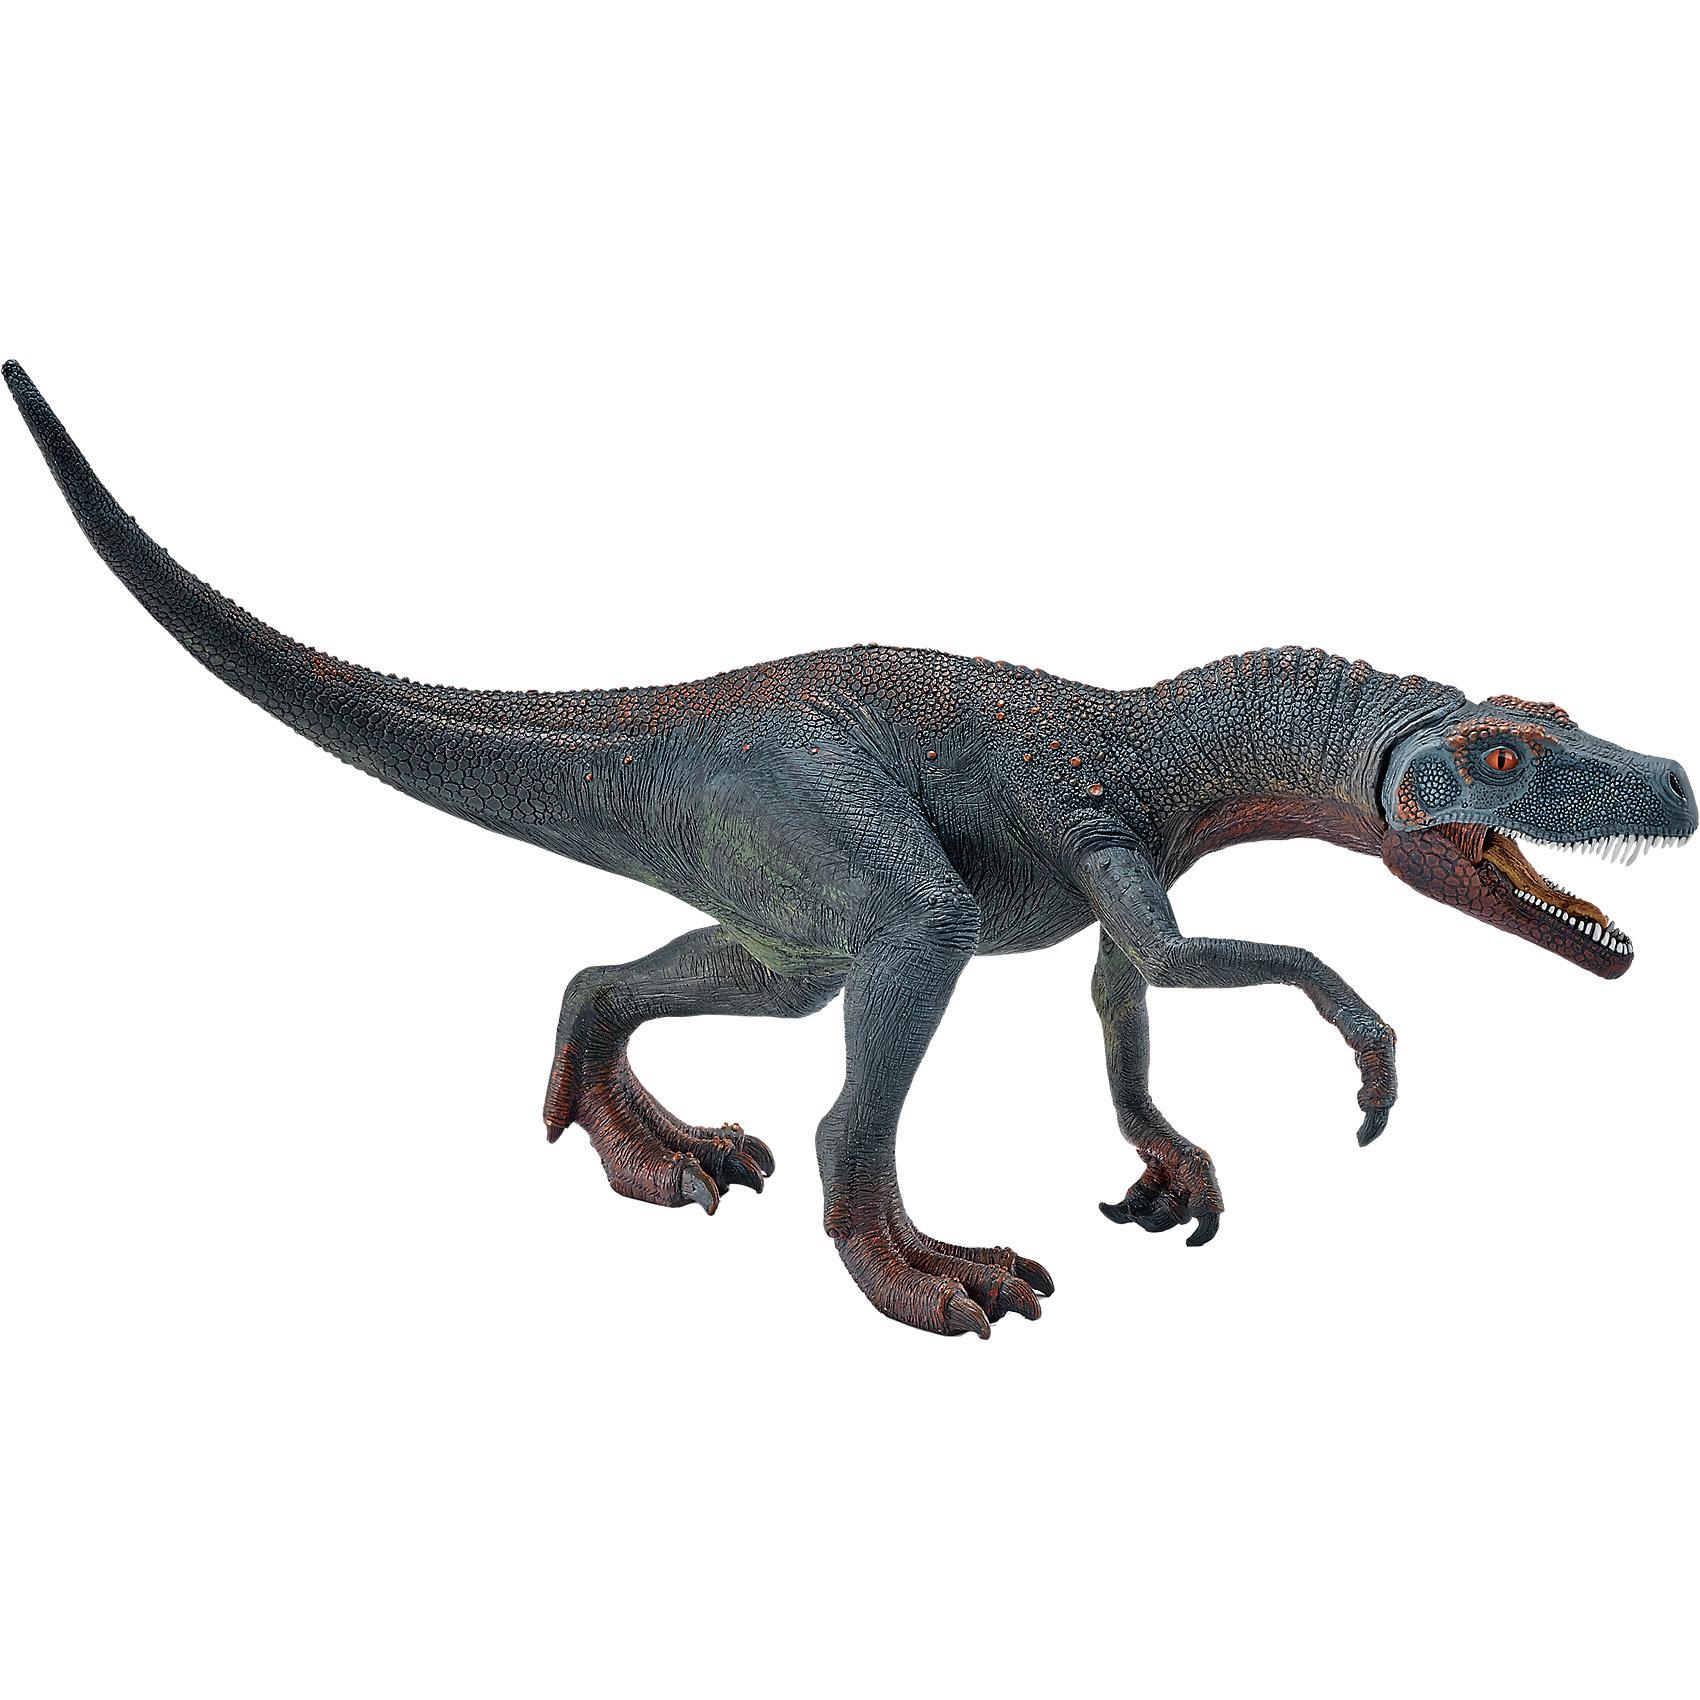 Герреразавр, SchleichДраконы и динозавры<br>Герреразавр, Schleich – отличное пополнение коллекции динозавров или ее начала.<br>Если ребенок увлекается динозаврами, то Герреразавр станет отличным подарком для него. И порадовать интересным фактов, что динозавр назван в честь пастуха, который нашел его останки. Может быть, скоро и в честь маленького коллекционера назовут еще не известного динозавра? Фигурка в точности повторяет воспроизведенное строение Герреразавра. Изготовлена она из качественного материала, который безопасен для детей и не вызывает аллергии. Пасть динозавра открывается и закрывается.<br><br>Дополнительная информация:<br><br>- возраст: от 3 лет<br>- материал: каучук, пластик<br>- размер: 23 х 7.5 х 12.5 см<br>- страна: Германия<br><br>Герреразавр, Schleich можно купить в нашем интернет магазине.<br><br>Ширина мм: 223<br>Глубина мм: 114<br>Высота мм: 76<br>Вес г: 192<br>Возраст от месяцев: 60<br>Возраст до месяцев: 144<br>Пол: Мужской<br>Возраст: Детский<br>SKU: 4662504